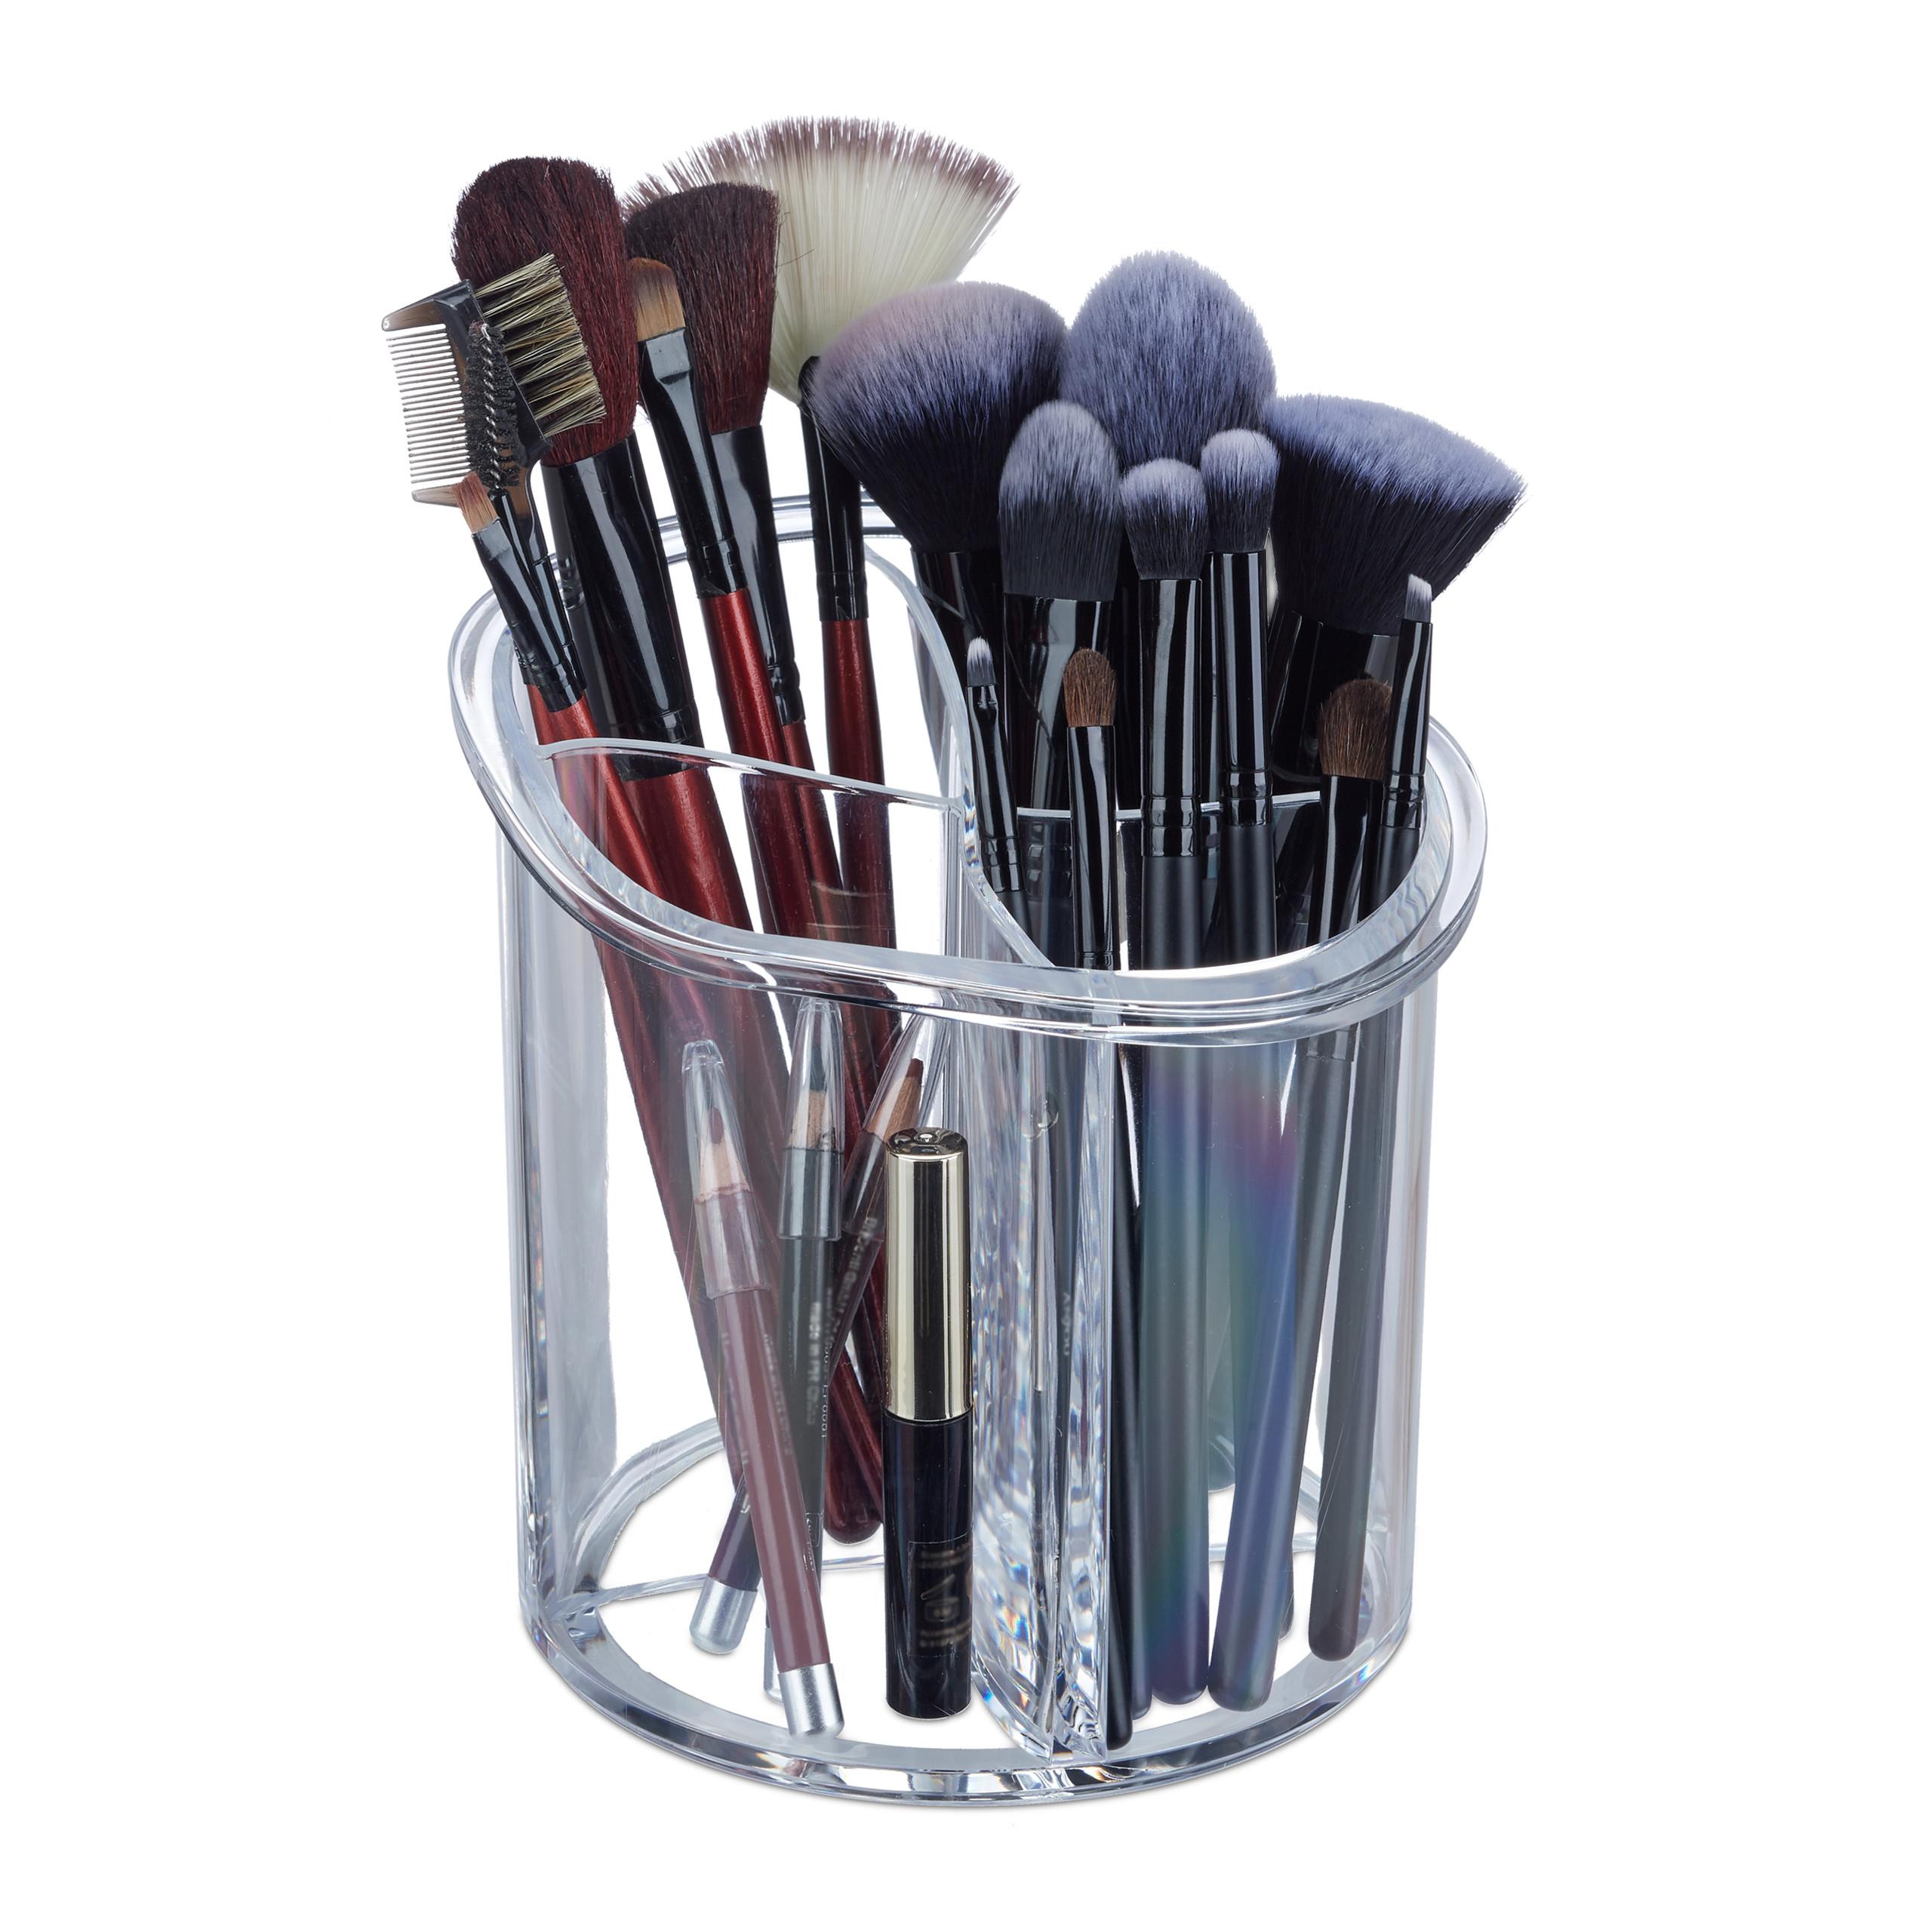 make-up-organizer-kwastenhouder-kwasten-acryl-organizer-rond miniatuur 10